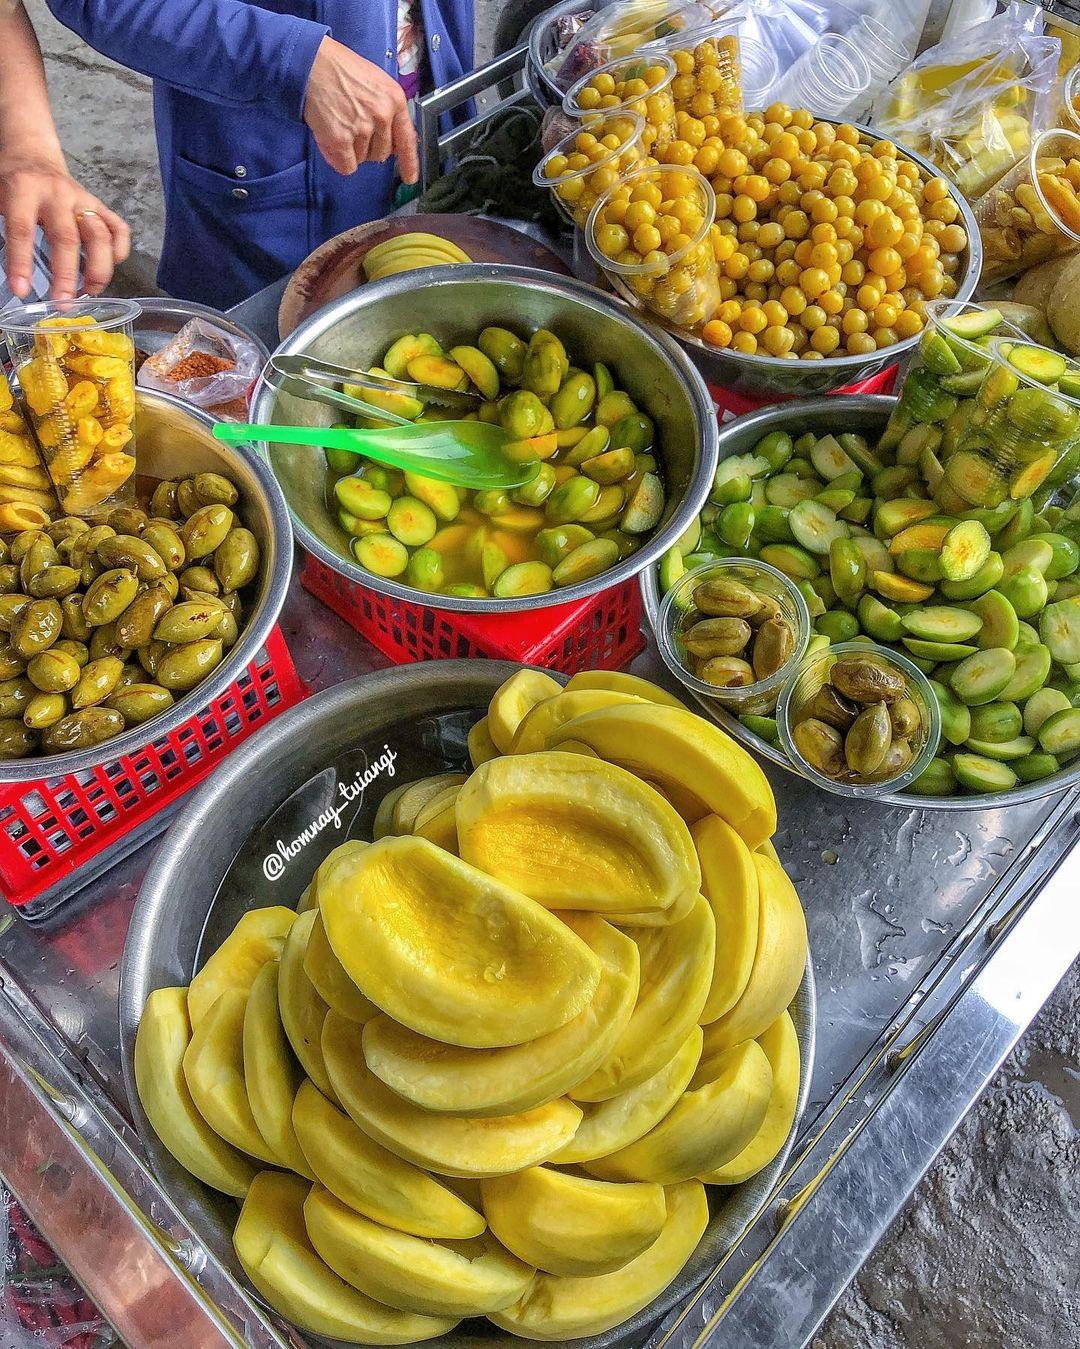 Xe trái cây dạo 30 năm gây nghiện với món lạ ổi luộc chấm mắm ruốc - 3